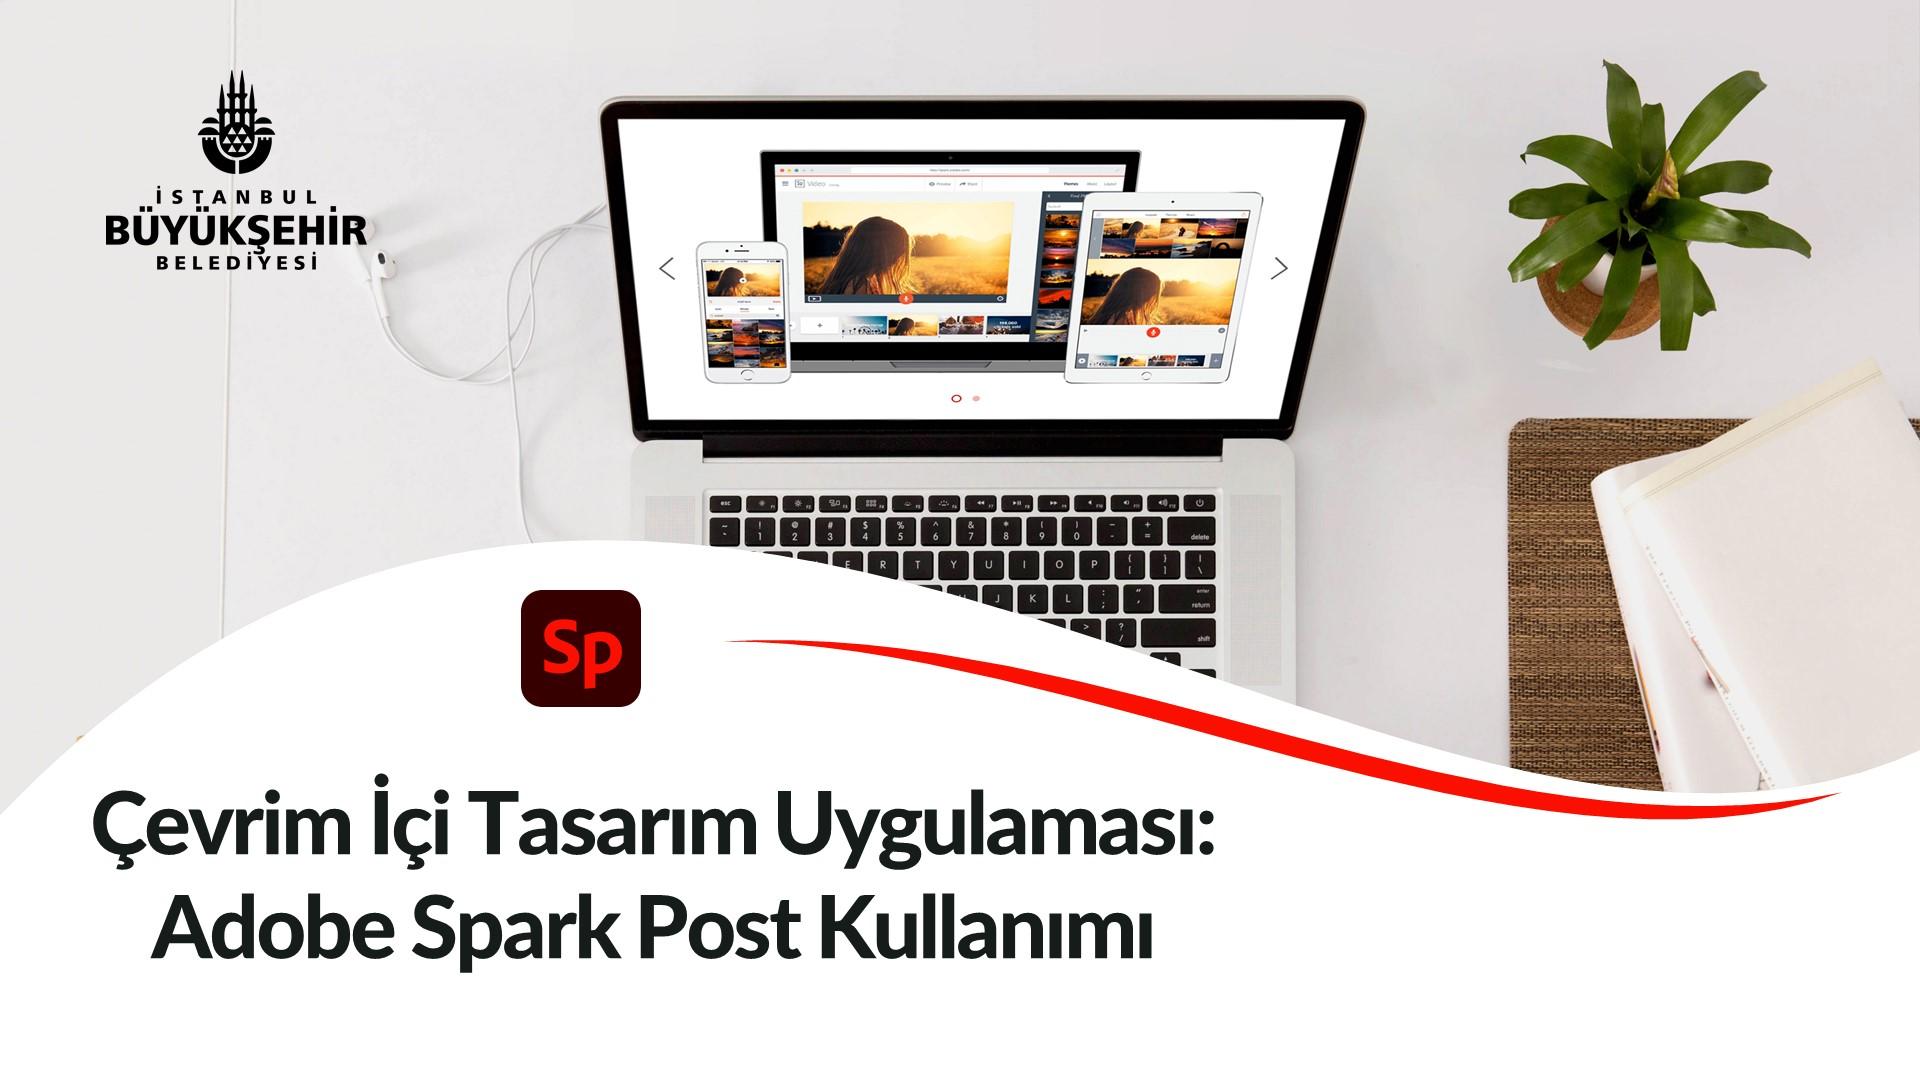 Çevrim İçi Tasarım Uygulaması: Adobe Spark Post Kullanımı Kayıtları Başladı